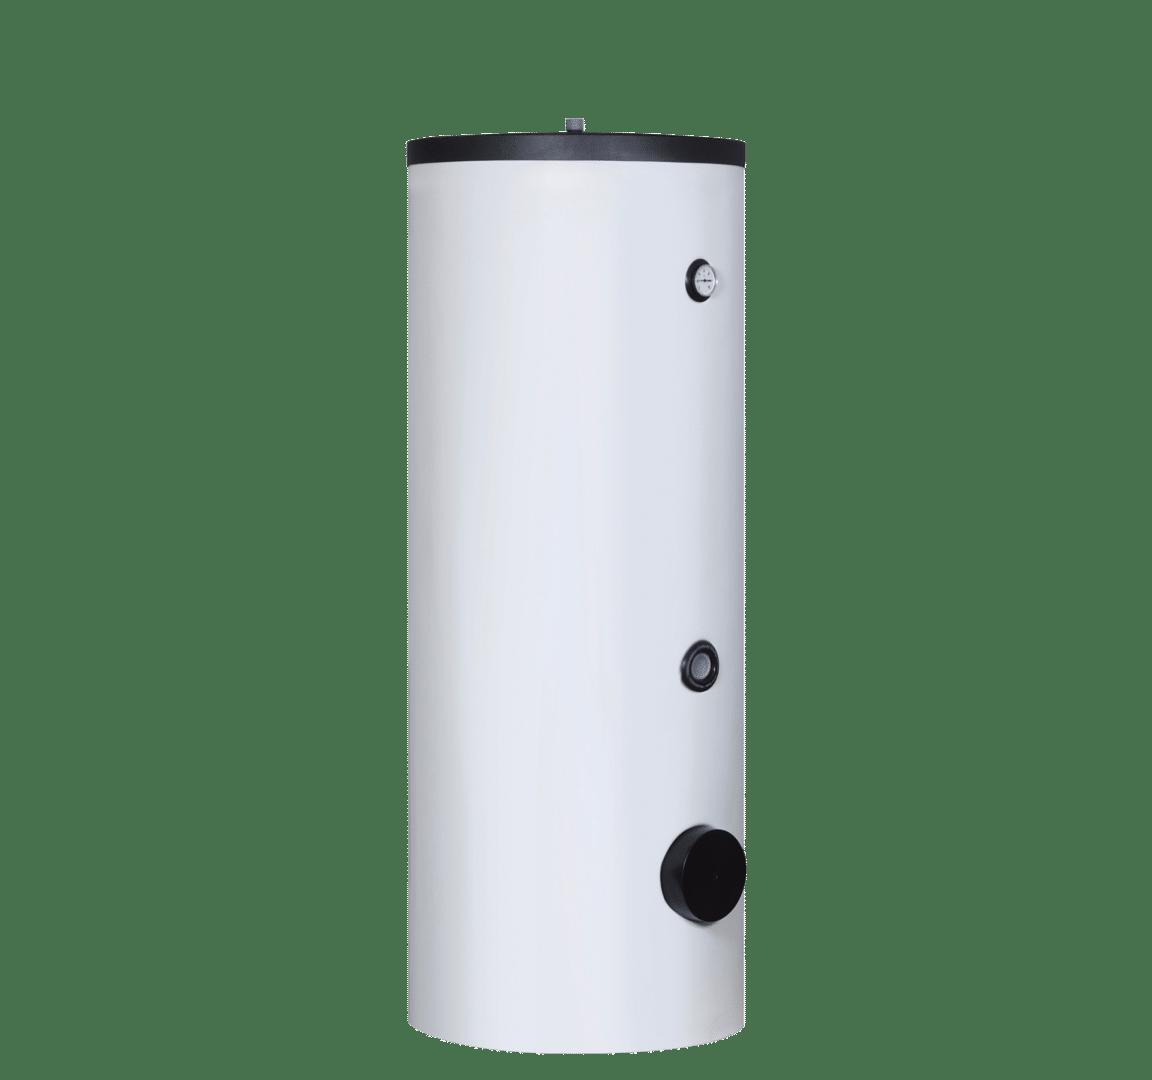 Panasonic Aquarea 380 liter geëmailleerde boilertank van DHPS